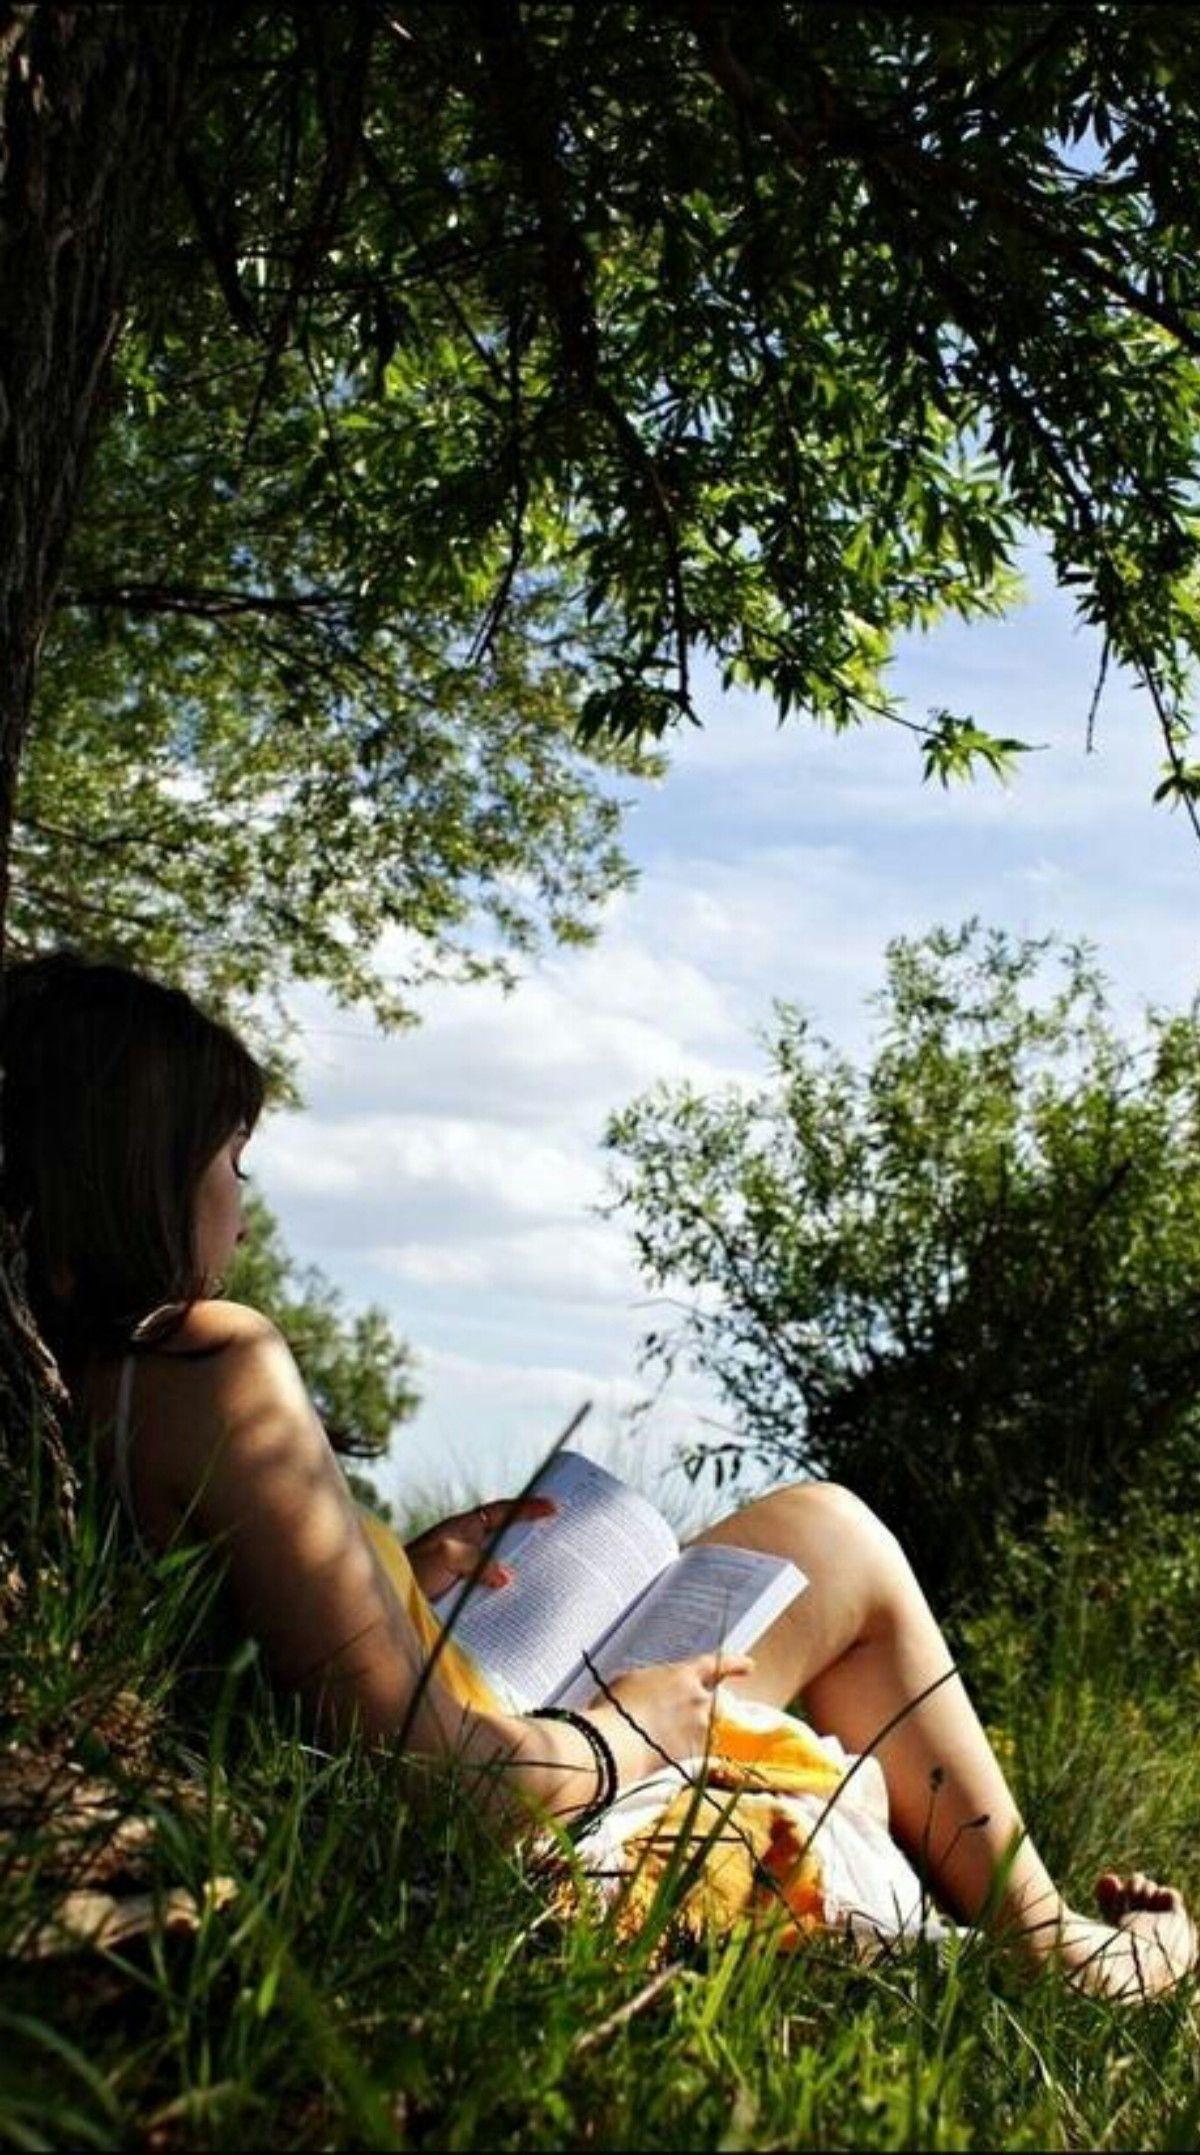 Citaten Over Lezen En Boeken : Pin van superpamtastic op summer pinterest reading